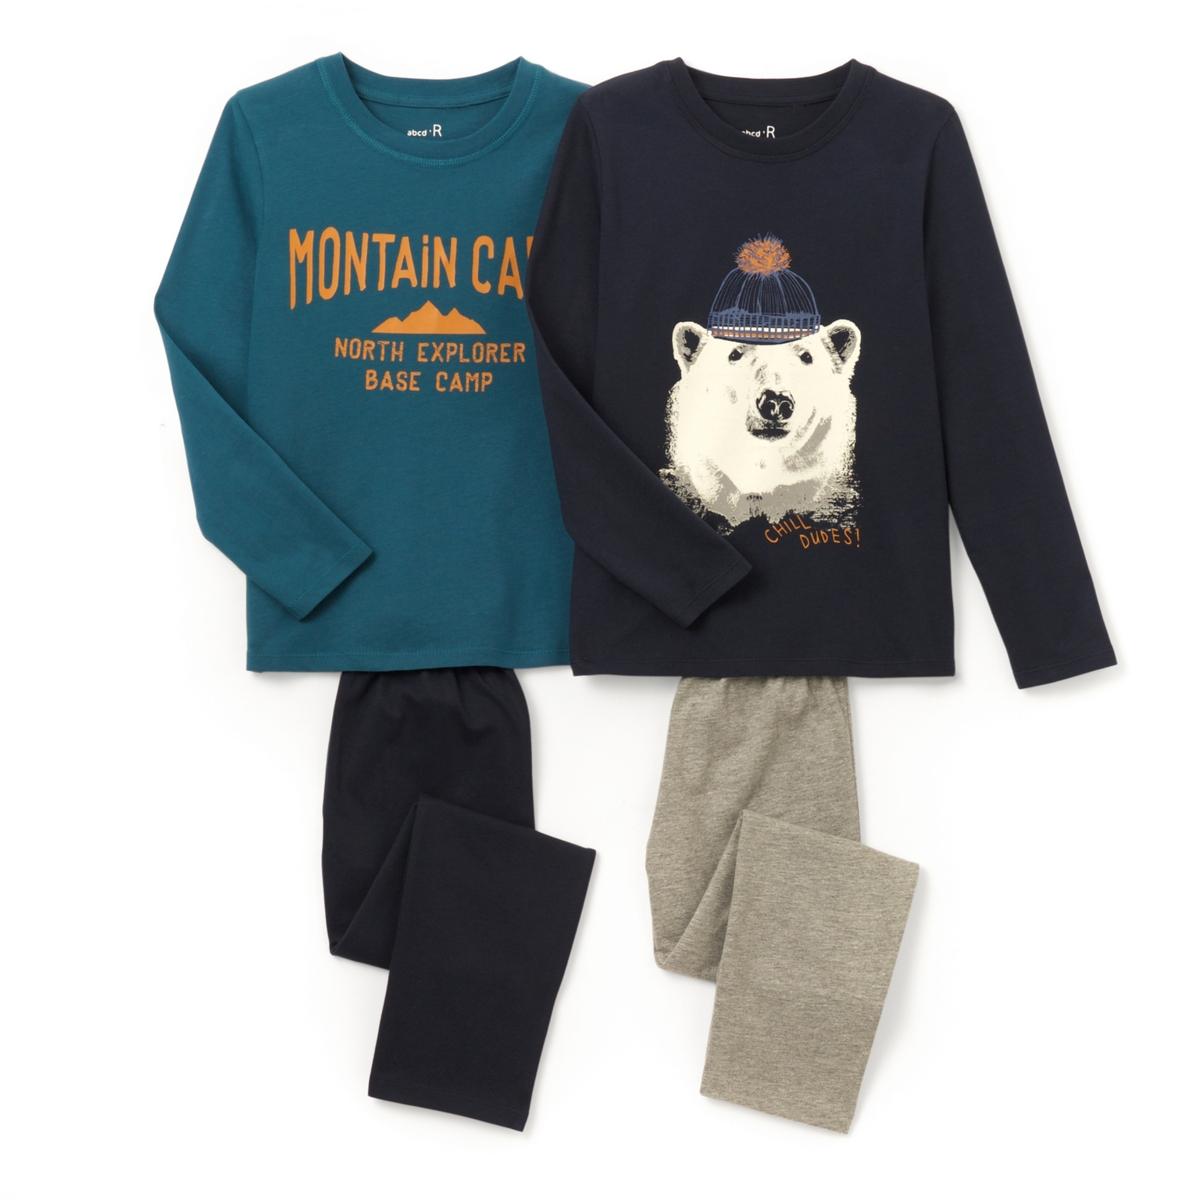 2 пижамы с принтом 2-12 летПижама: футболка с длинными рукавами и брюки. В комплекте 2 пижамы : Футболки с разными рисунками  . Брюки однотонные с эластичными поясами.Состав и описание :    Материал       Джерси 100% хлопок  (кроме цвета серый меланж: преимущественно из хлопка)   Уход: : - Машинная стирка при 30°C с вещами схожих цветов. Стирать, сушить и гладить с изнаночной стороны. Машинная сушка в умеренном режиме. Гладить на низкой температуре.<br><br>Цвет: синий/ темно-синий<br>Размер: 8 лет - 126 см.6 лет - 114 см.5 лет - 108 см.4 года - 102 см.2 года - 86 см